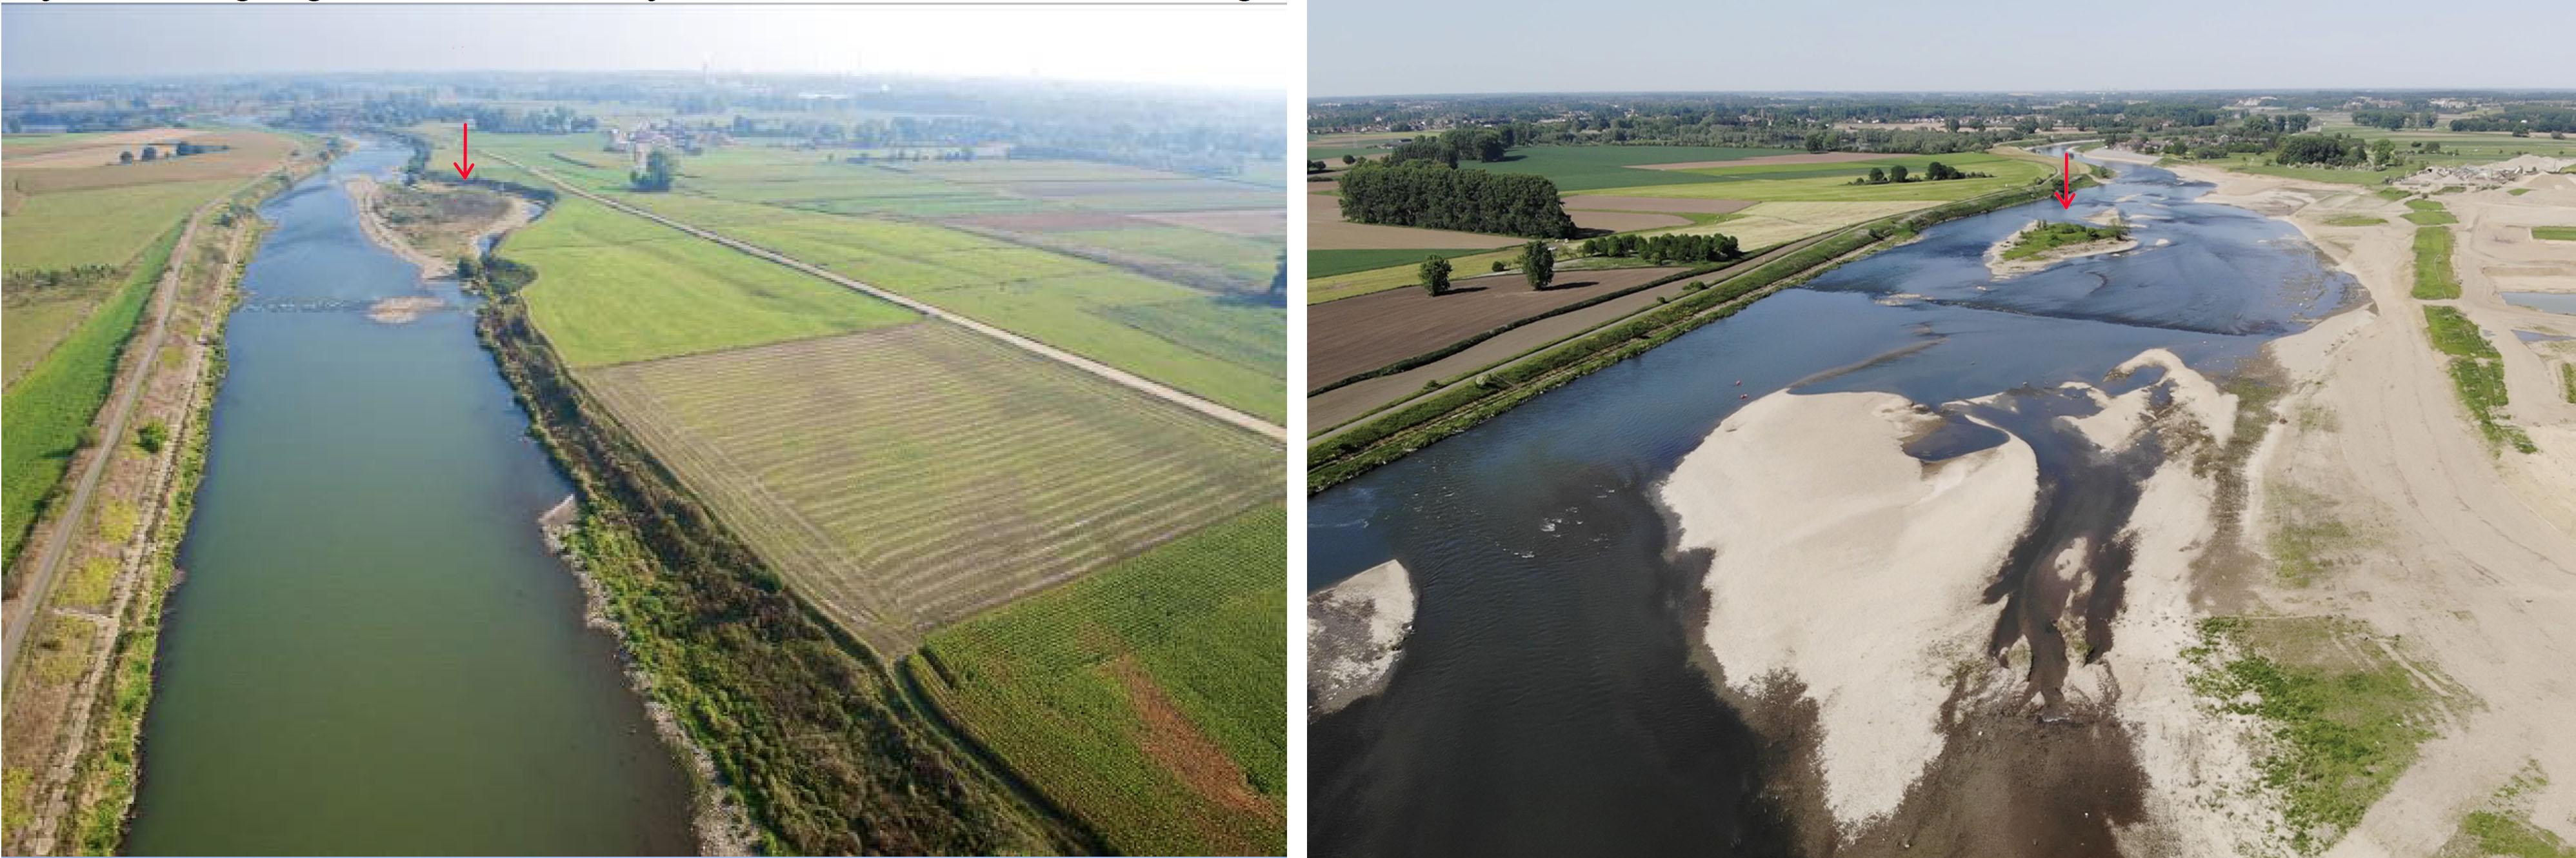 Foto van voor (links) en na (rechts) de uitvoering van het Grensmaasproject in het traject tussen Meers en Maasband. (Foto rechts is gemaakt door Avisum.be).